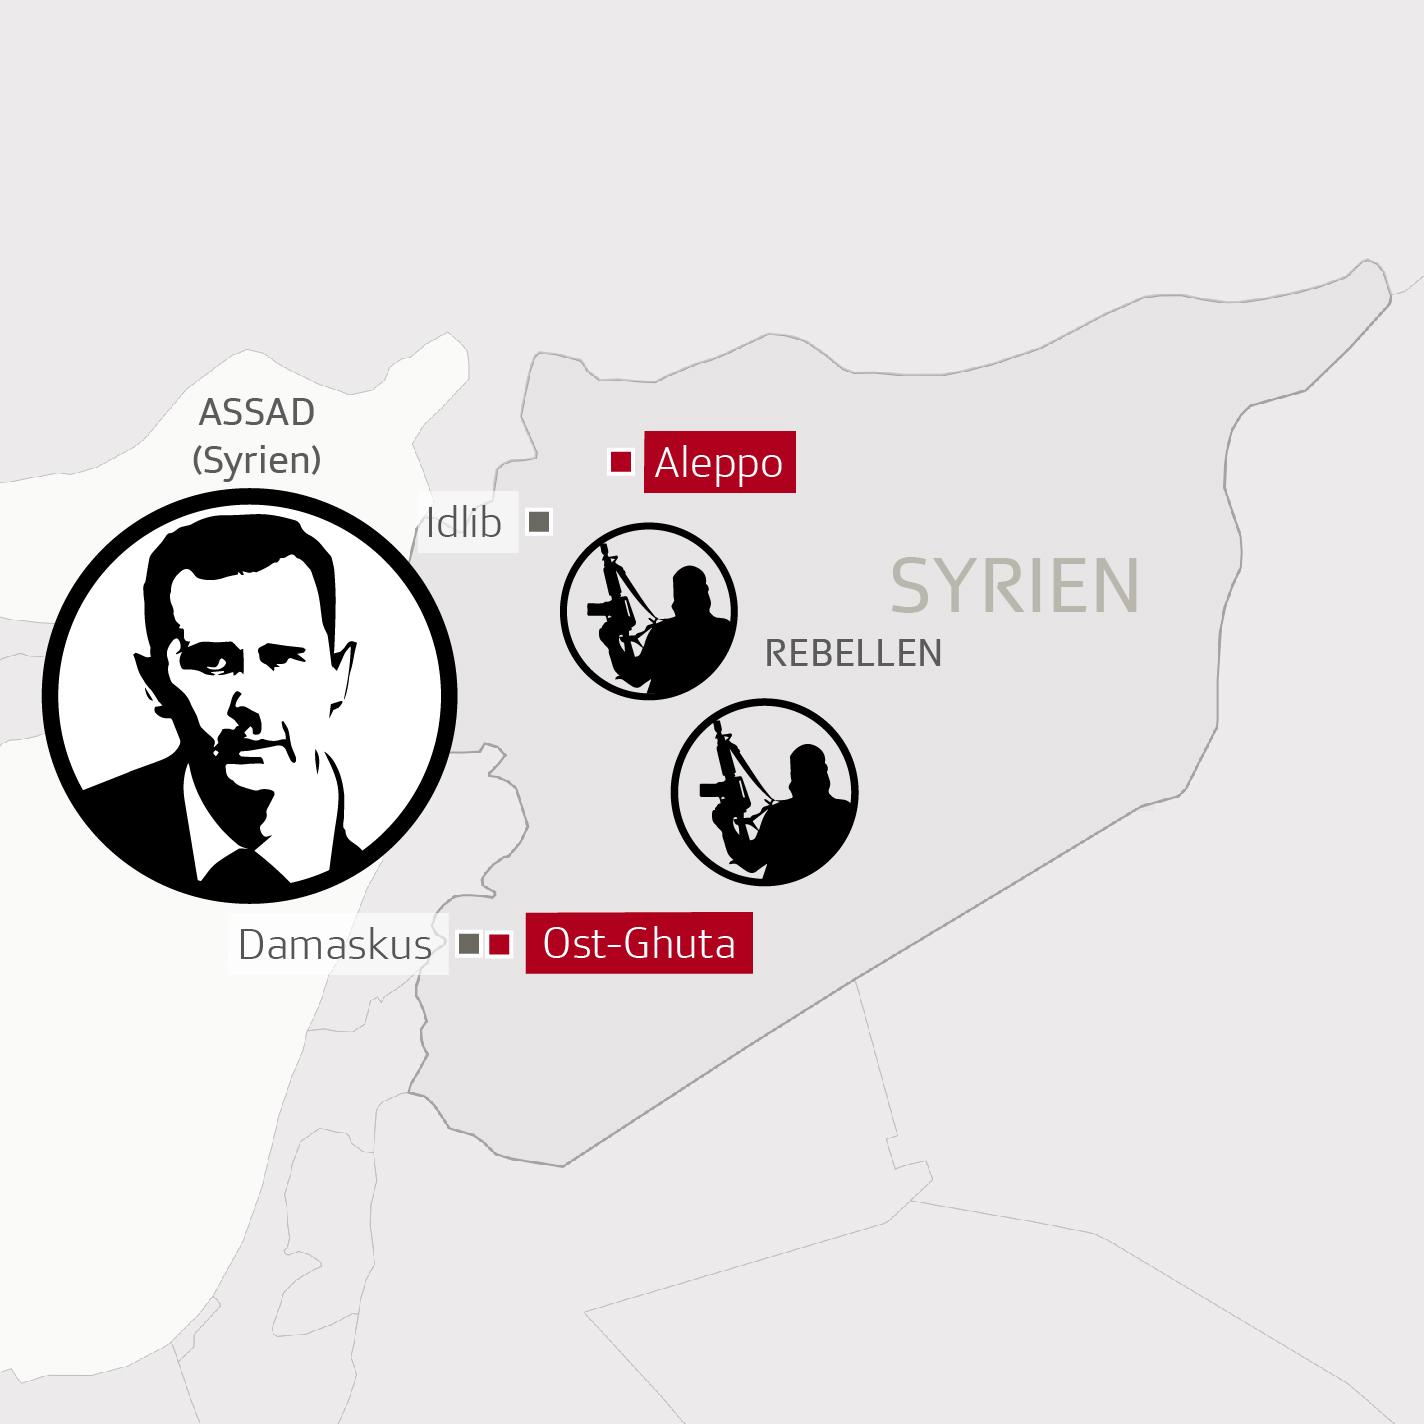 Der Syrienkonflikt